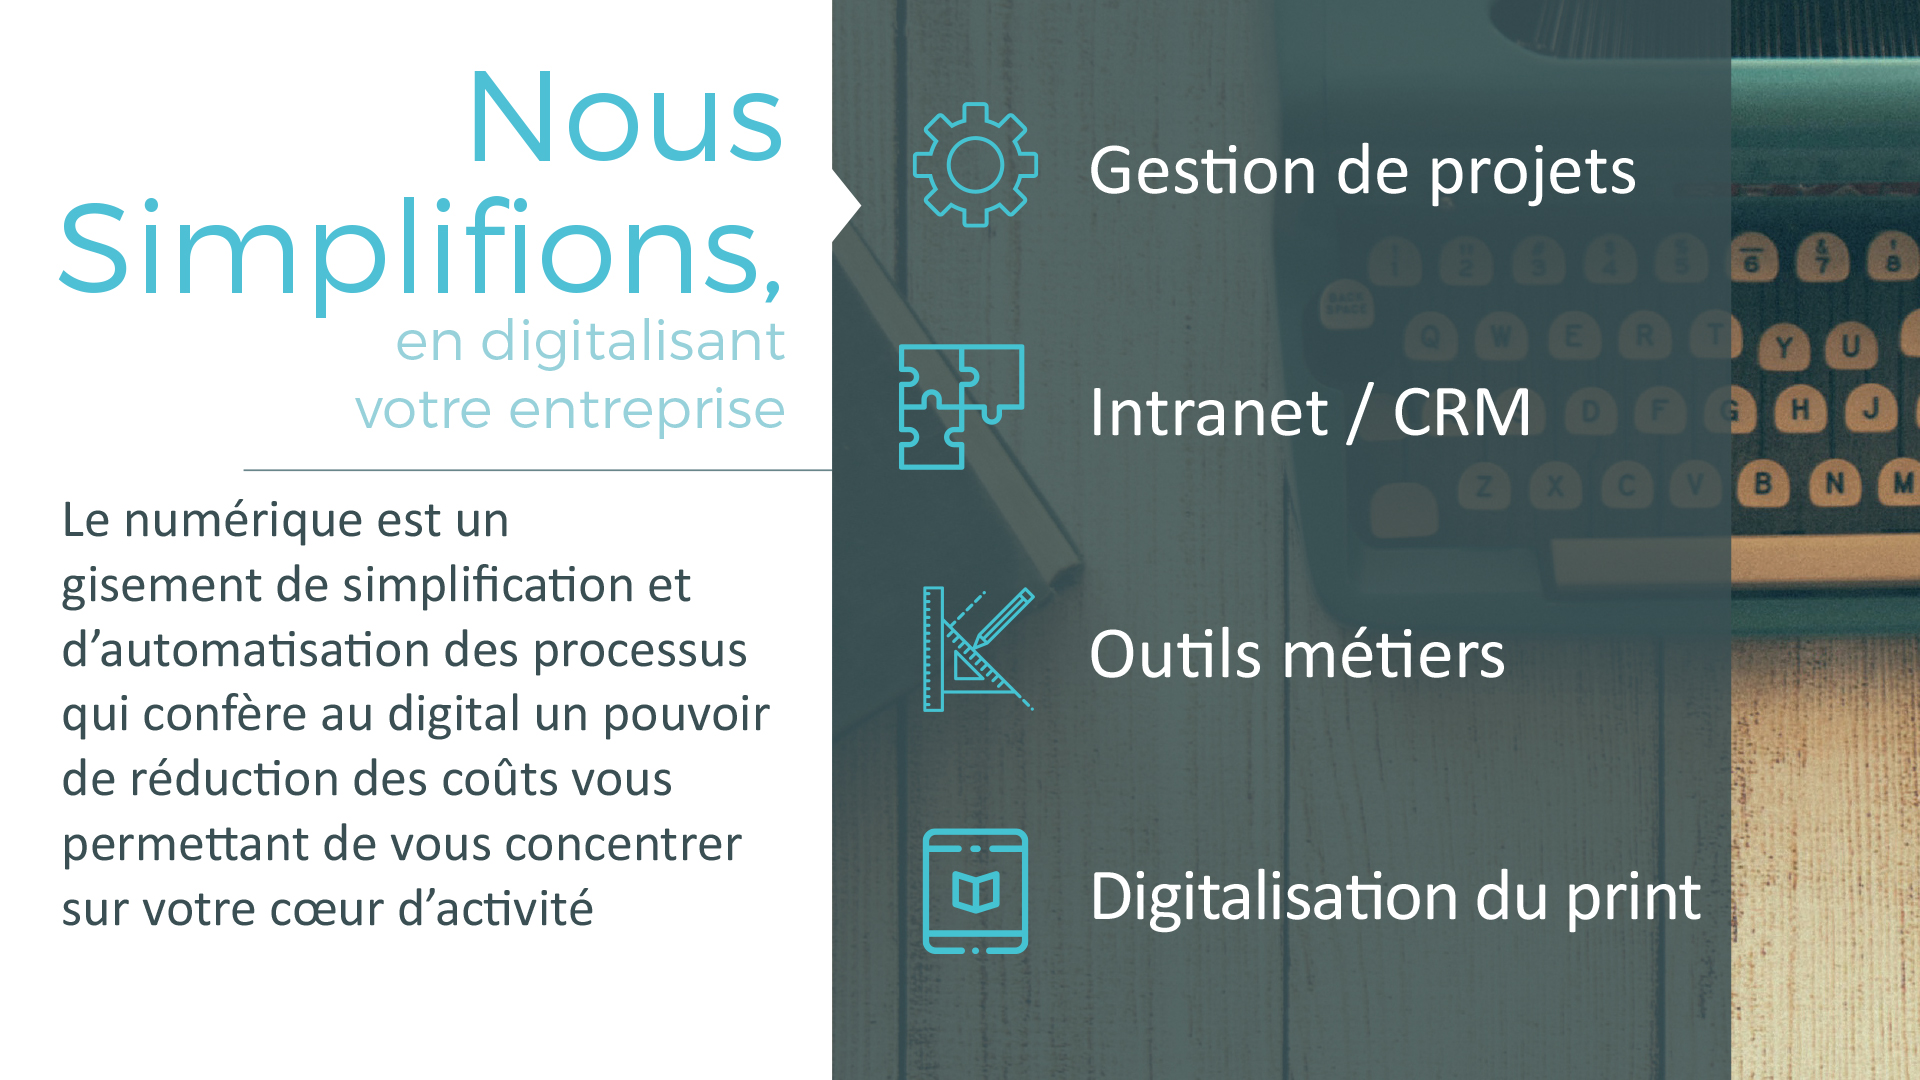 Nous Simplifions, en digitalisant votre entreprise : Gestion de projets - Intranet/CRM - Outils métiers - Digitalisation du print